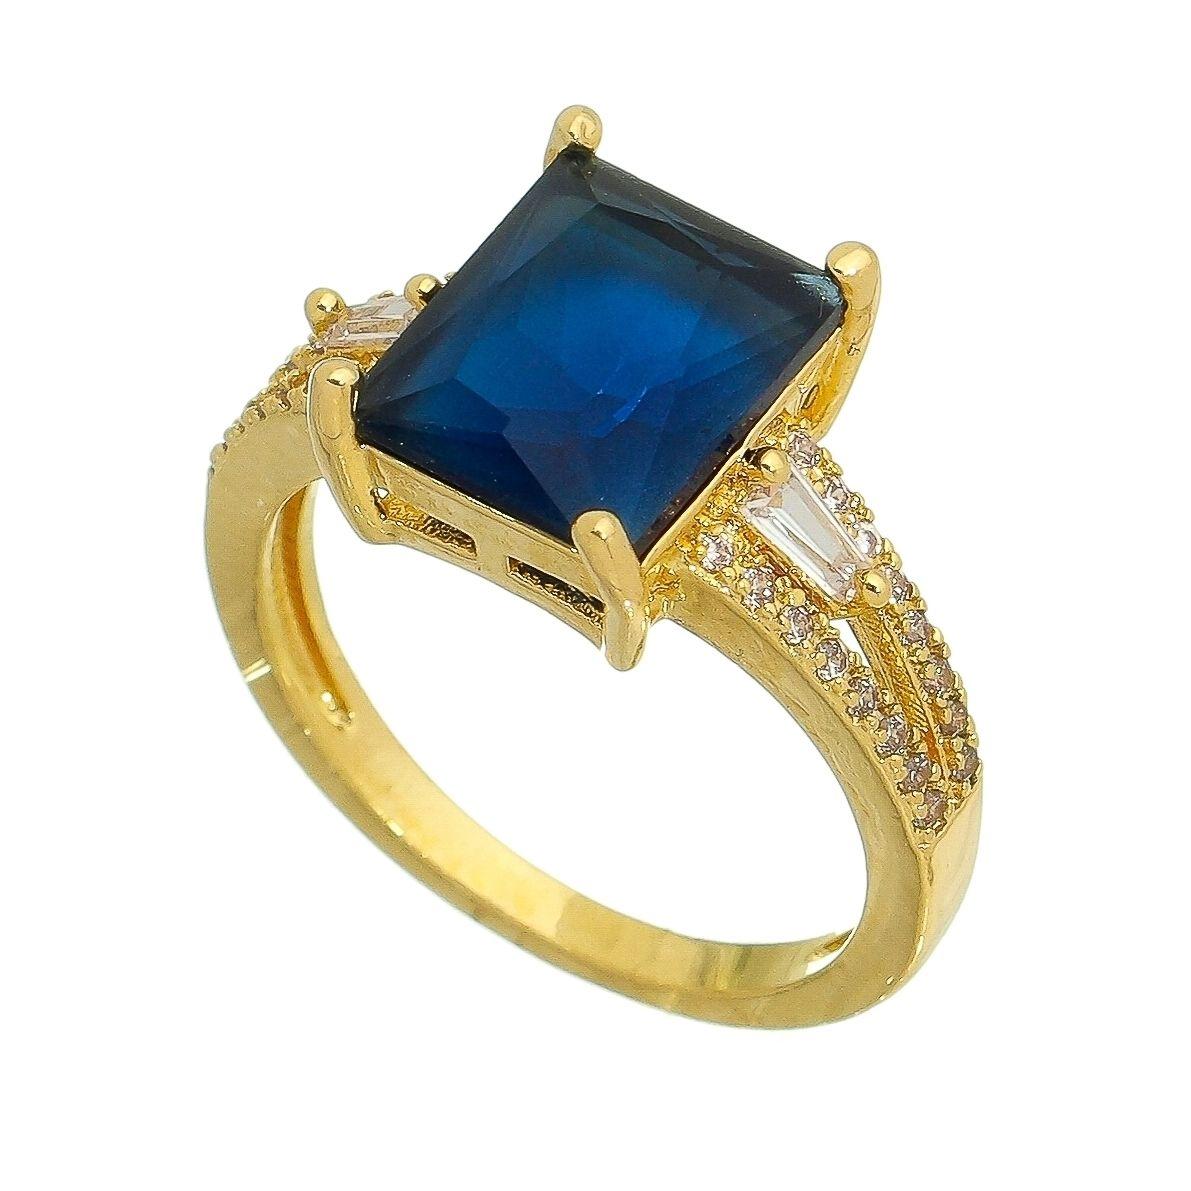 Anel com Cristal Quadrado Azul e Pedras Zircônias Ouro 18k